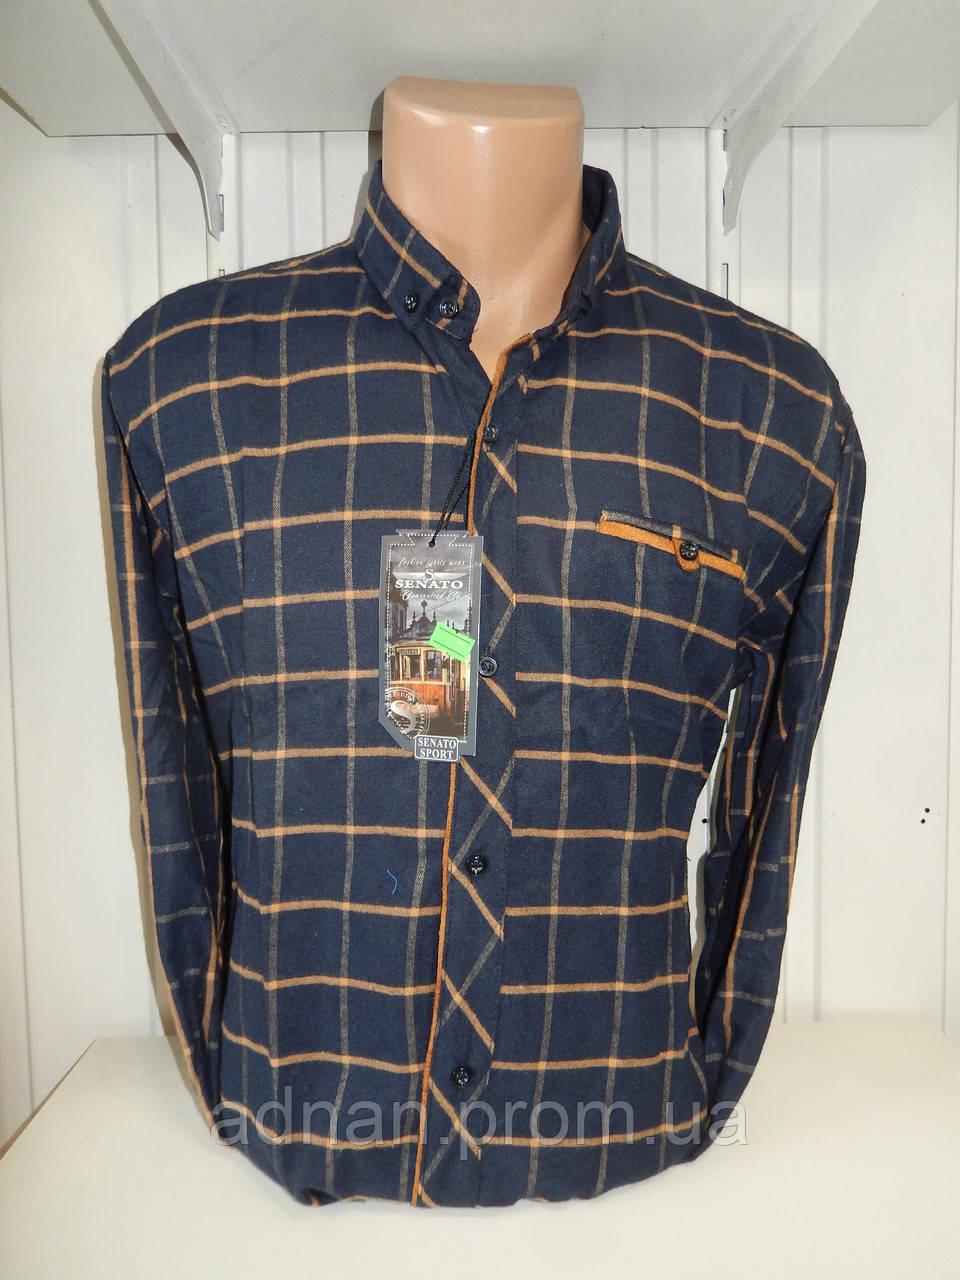 Рубашка мужская SENATO длинный рукав, полу-кашемир, клетка  001\ купить рубашку